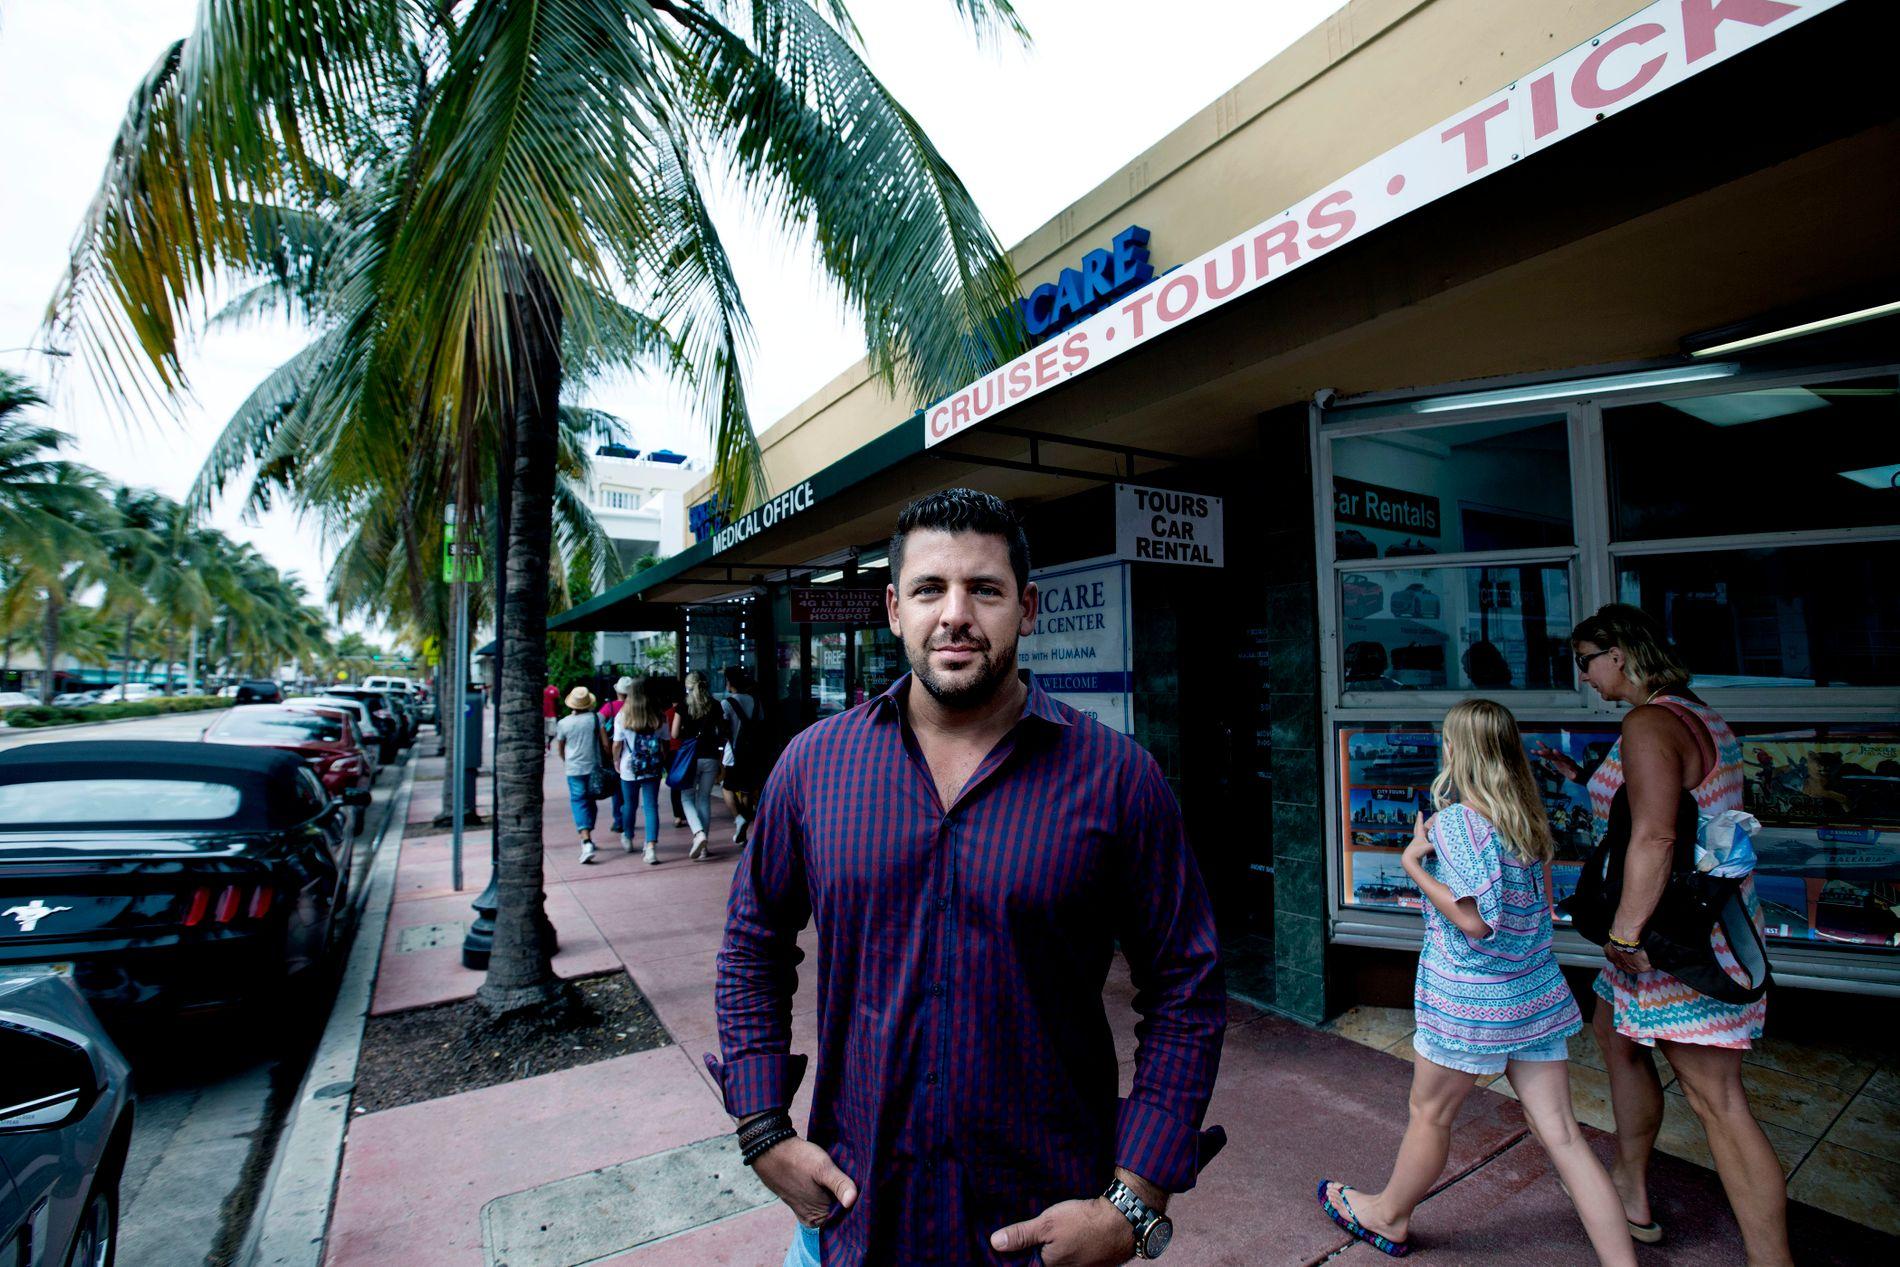 NEDGANG: Pablo Lloreda selger utflukter til turister, og har sett en nedgang det siste året blant annet på grunn av økonomiske vanskeligheter i Sør-Amerika og en svak euro. Nå kommer zikaviruset på toppen av problemene.